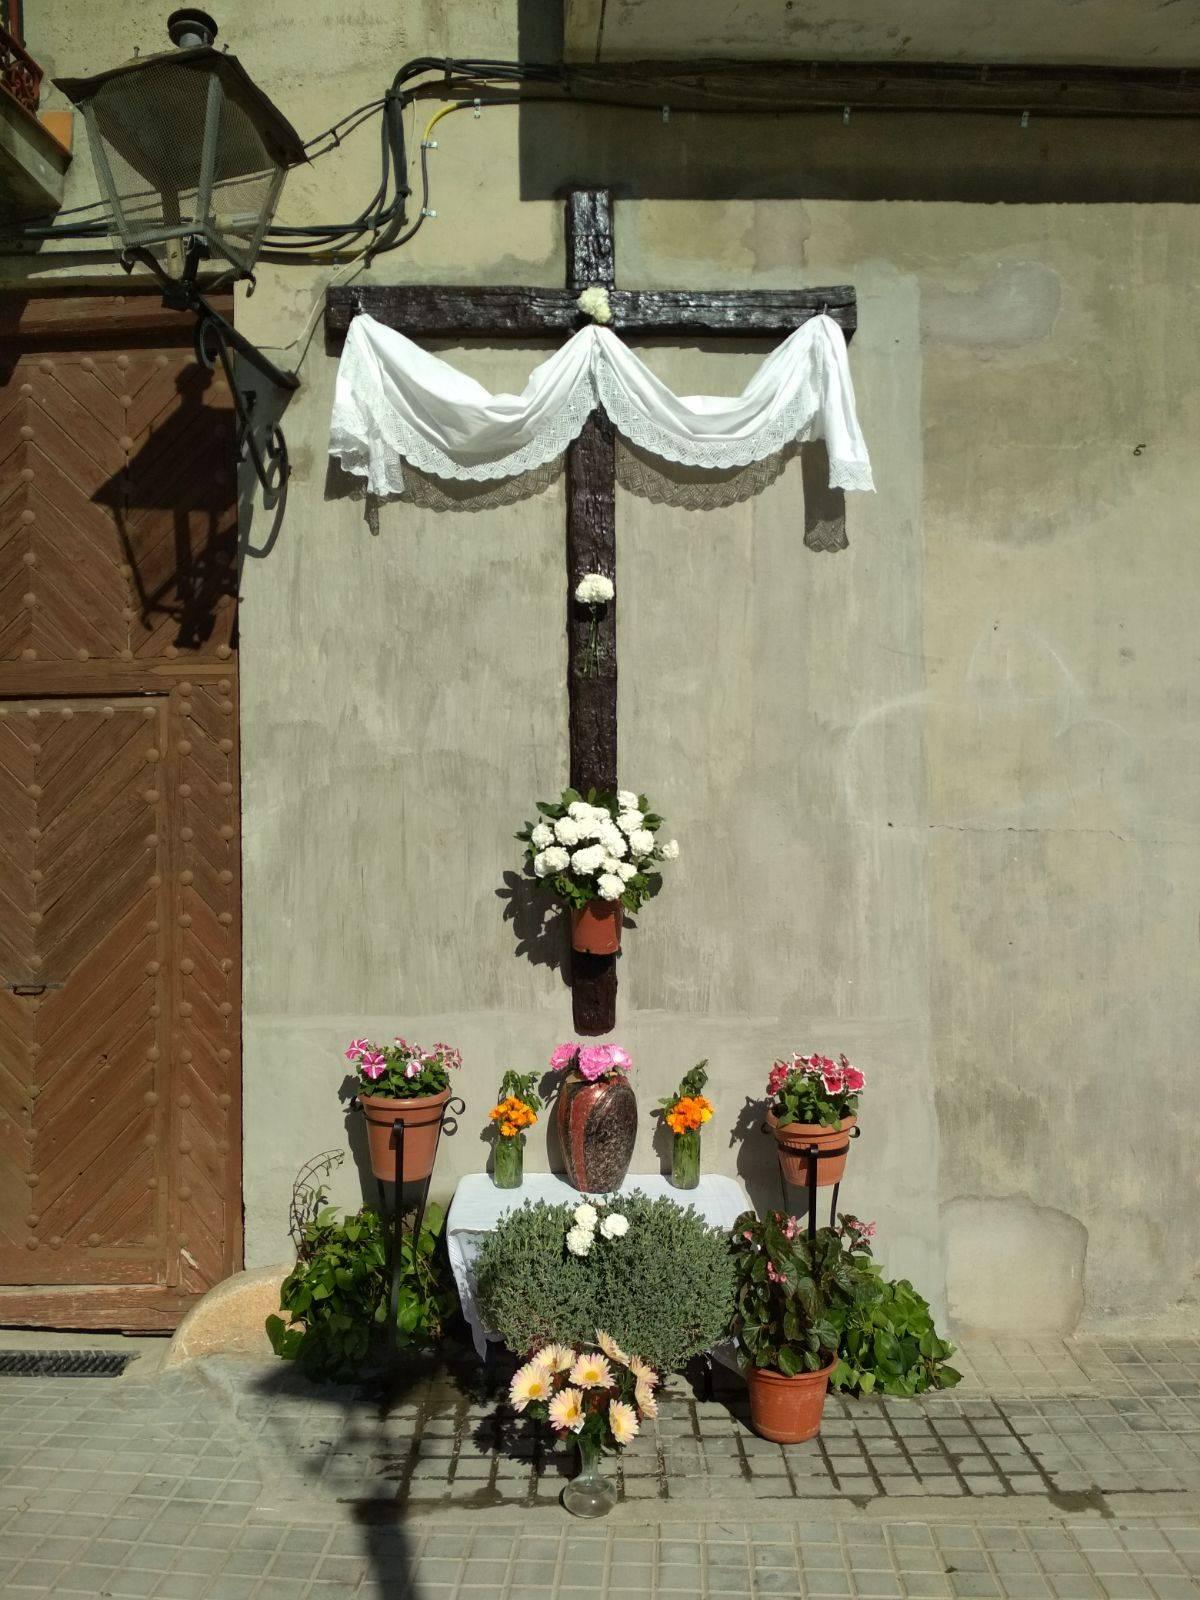 Cruz de mayo de la calle Cruces1 - Las cruces de Mayo vuelven a Herencia